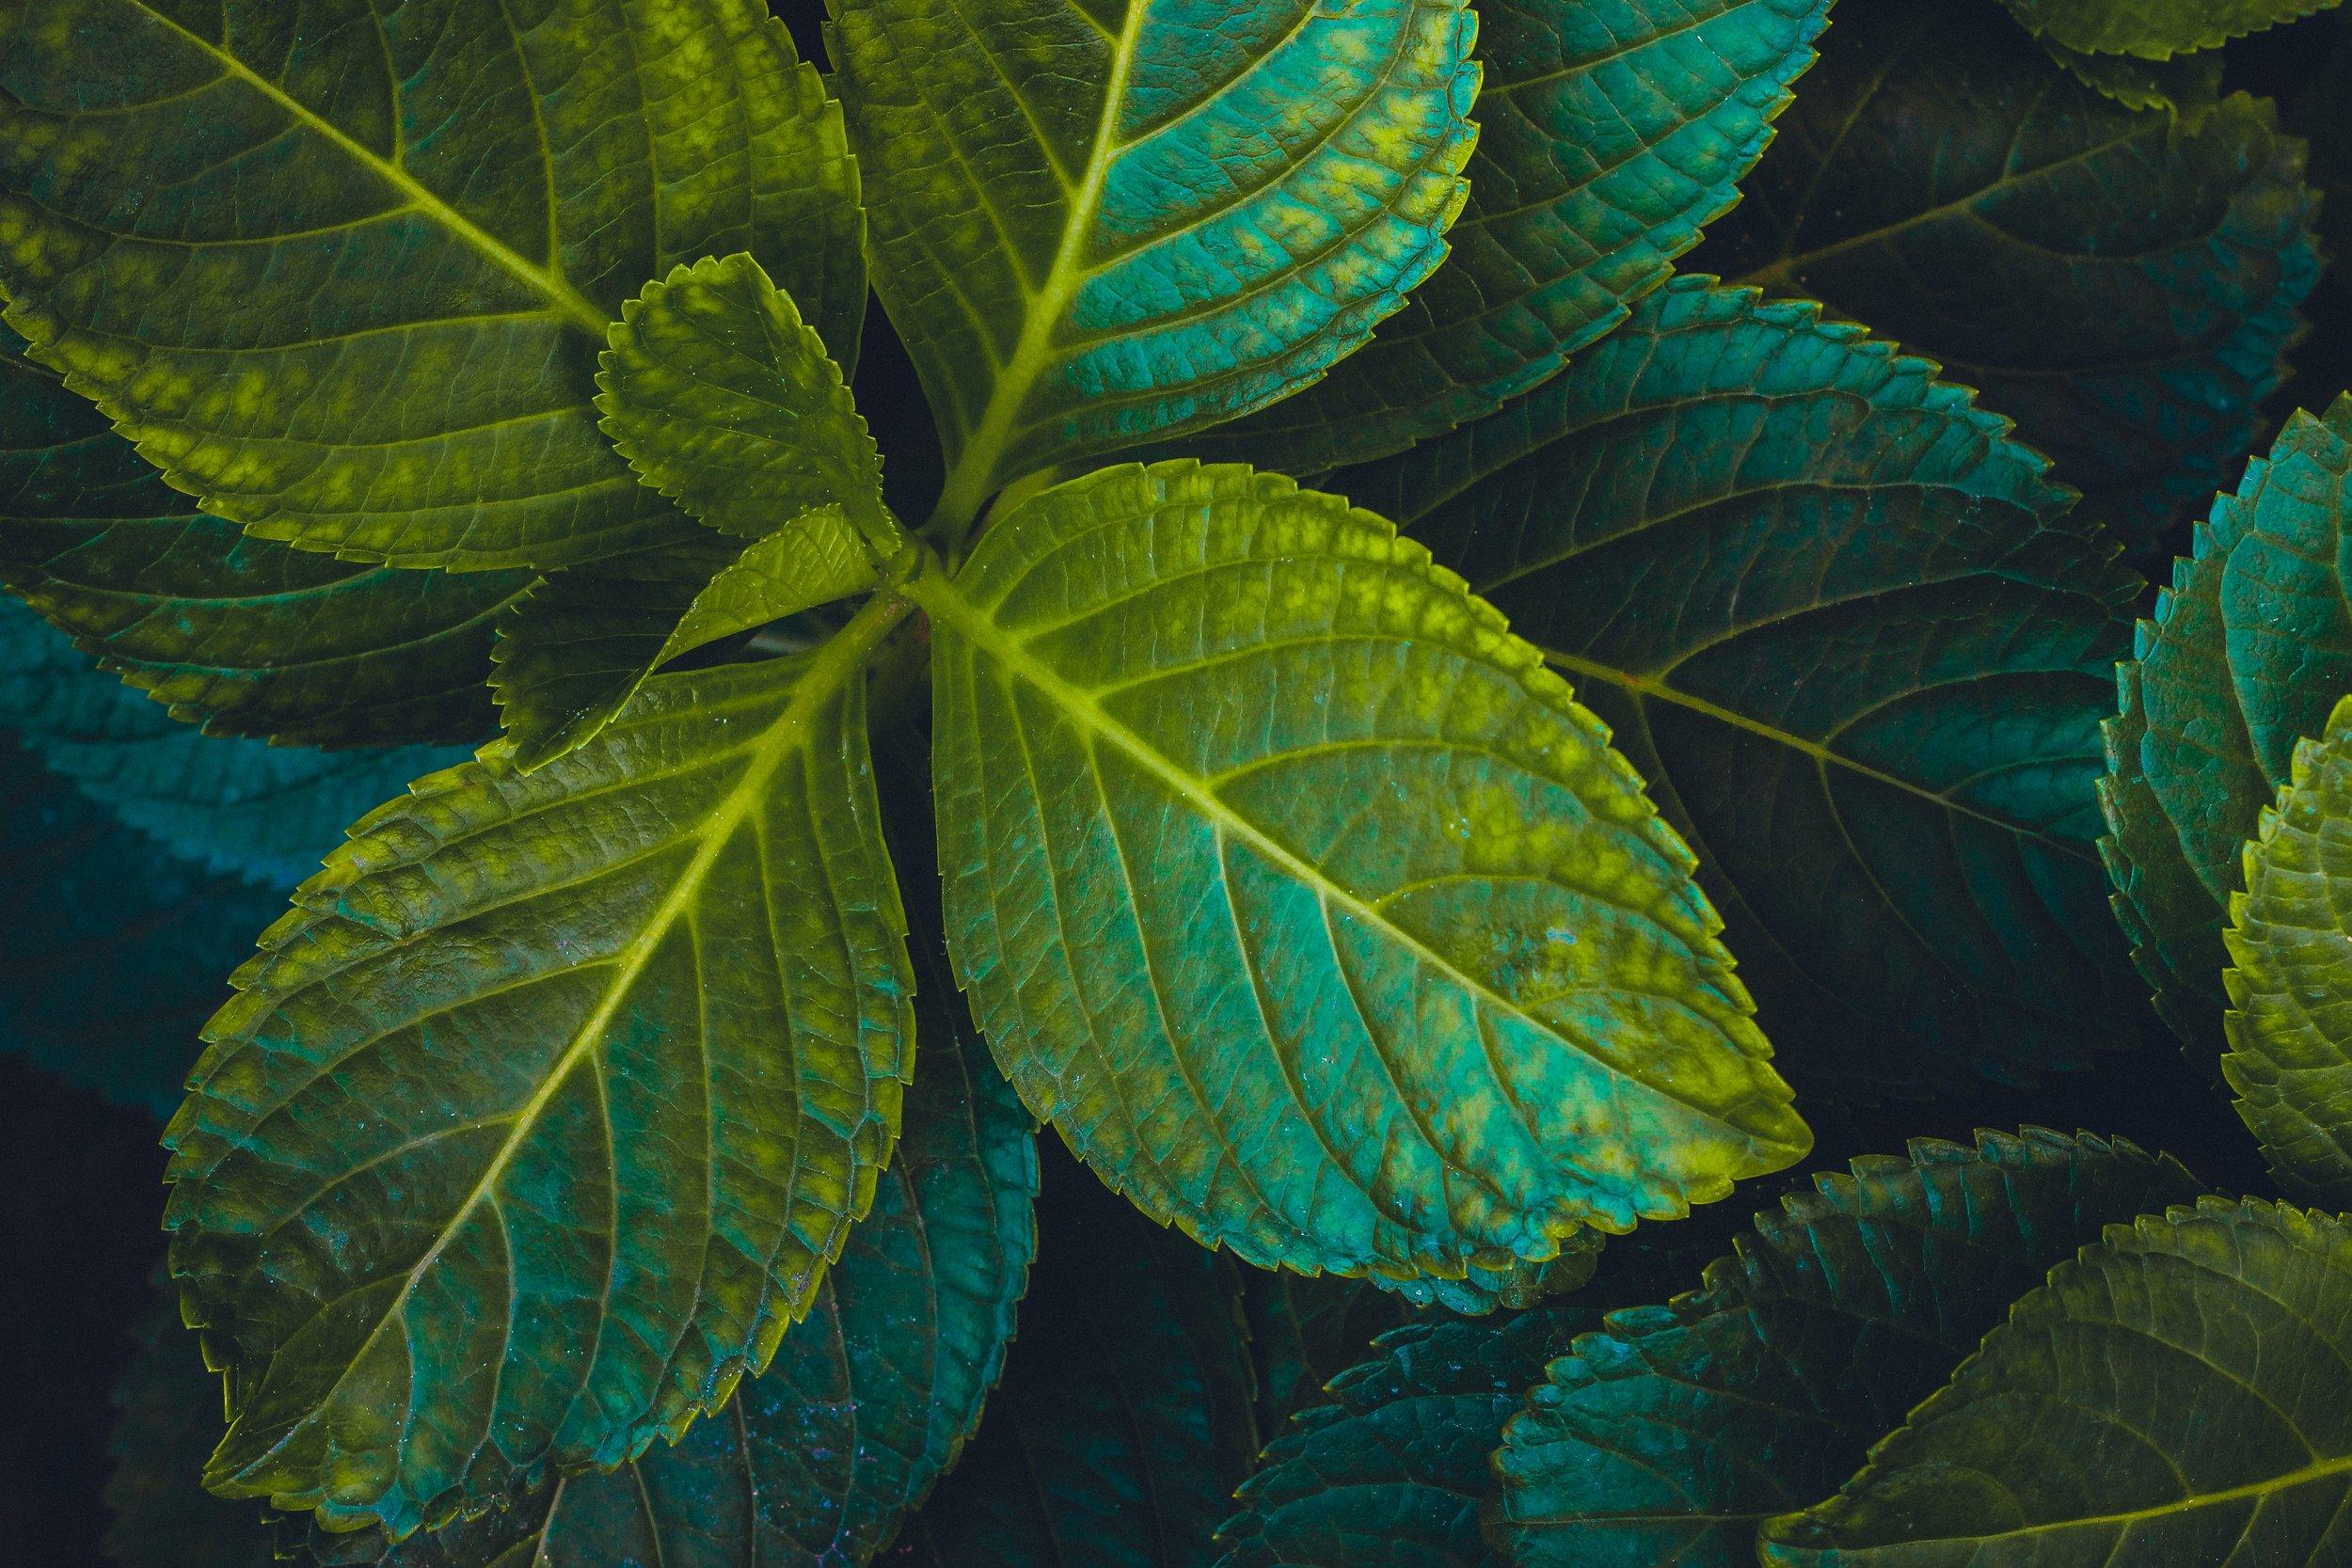 Miltant Hope For Restoring Our Ecological Community - Robert Mason jpeg.jpg